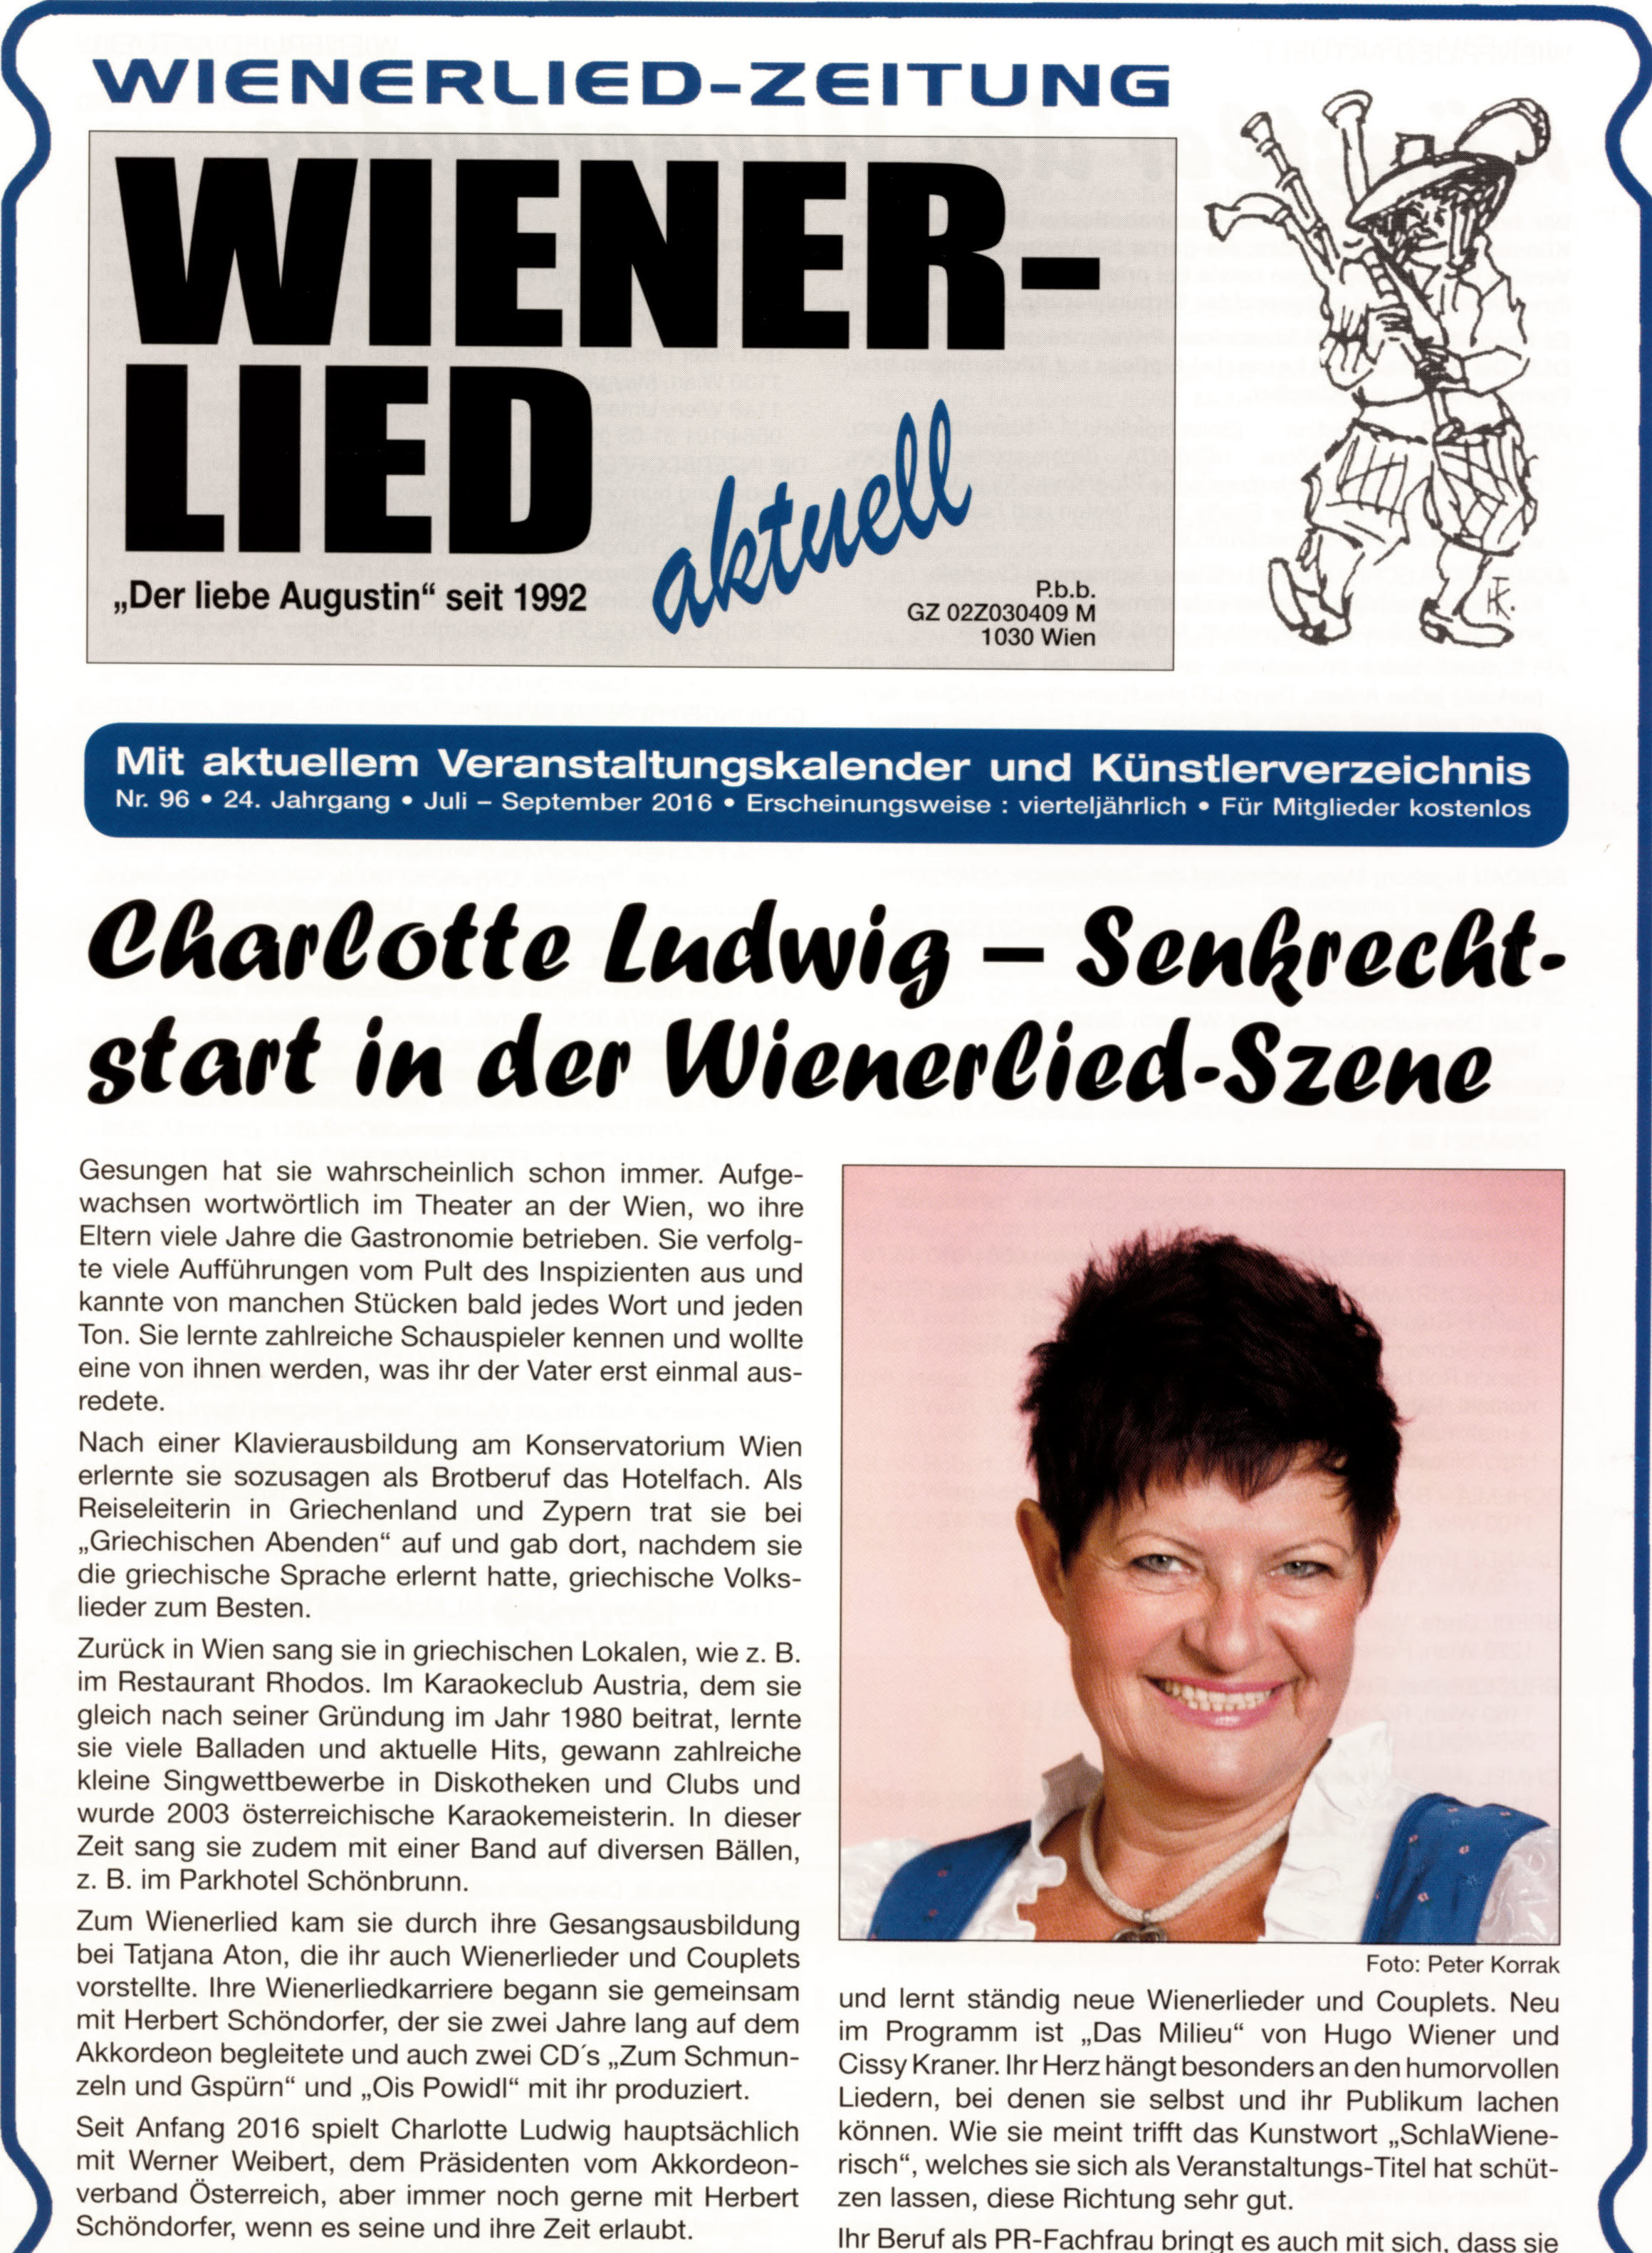 2016-06-29 Wienerlied Aktuell